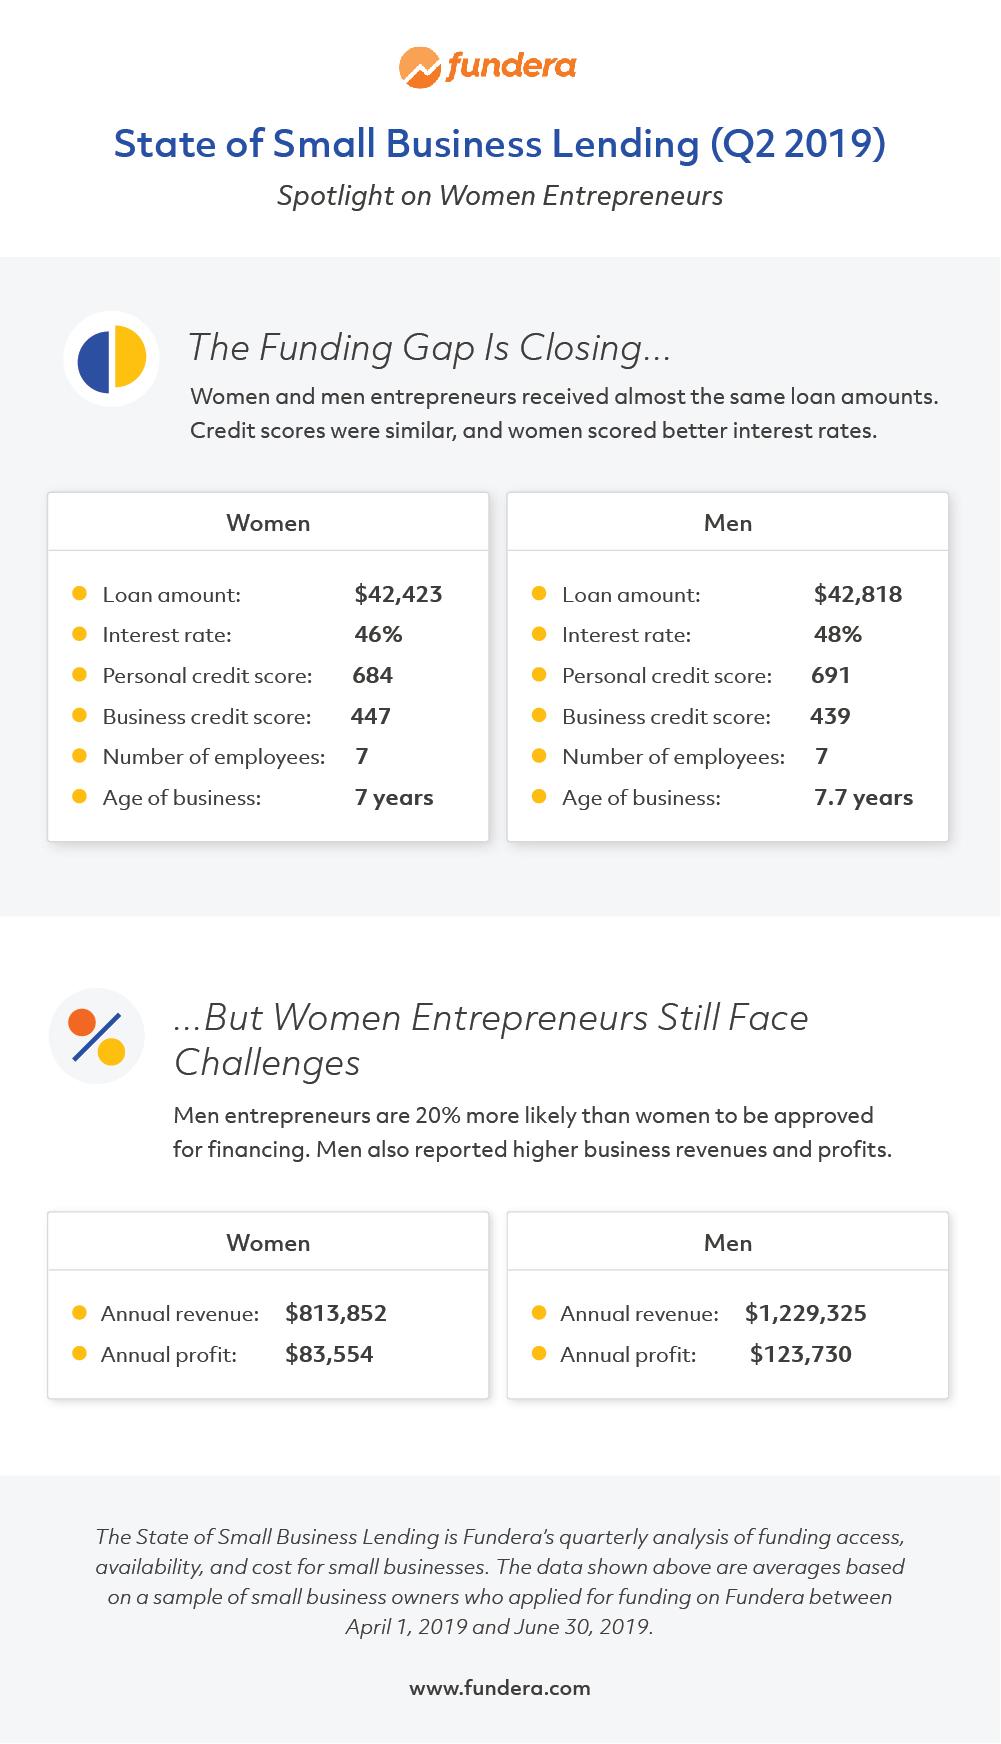 Gender Gap in Funding